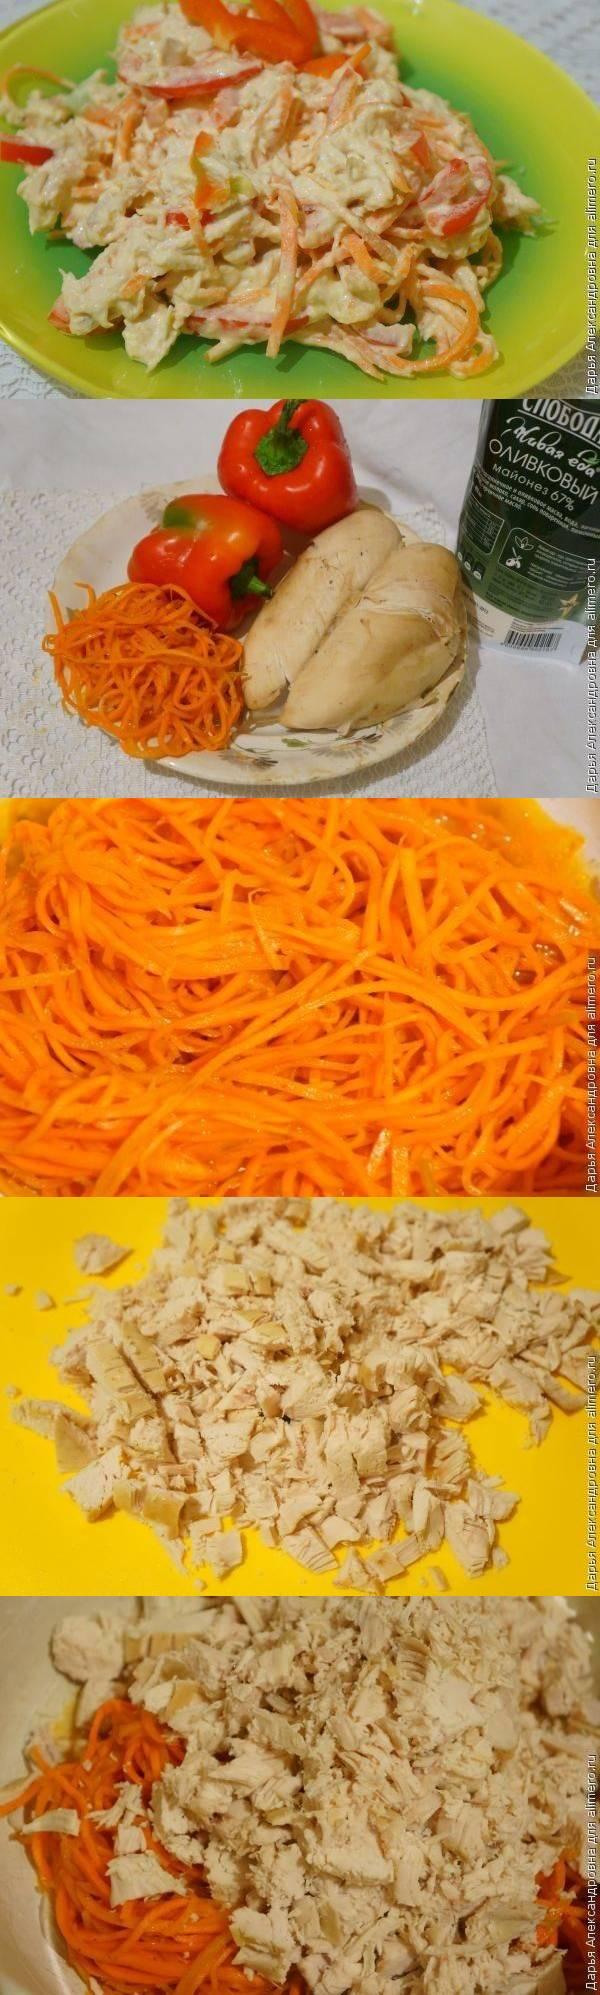 Салат из курицы с ананасами и корейской морковью пошаговый рецепт